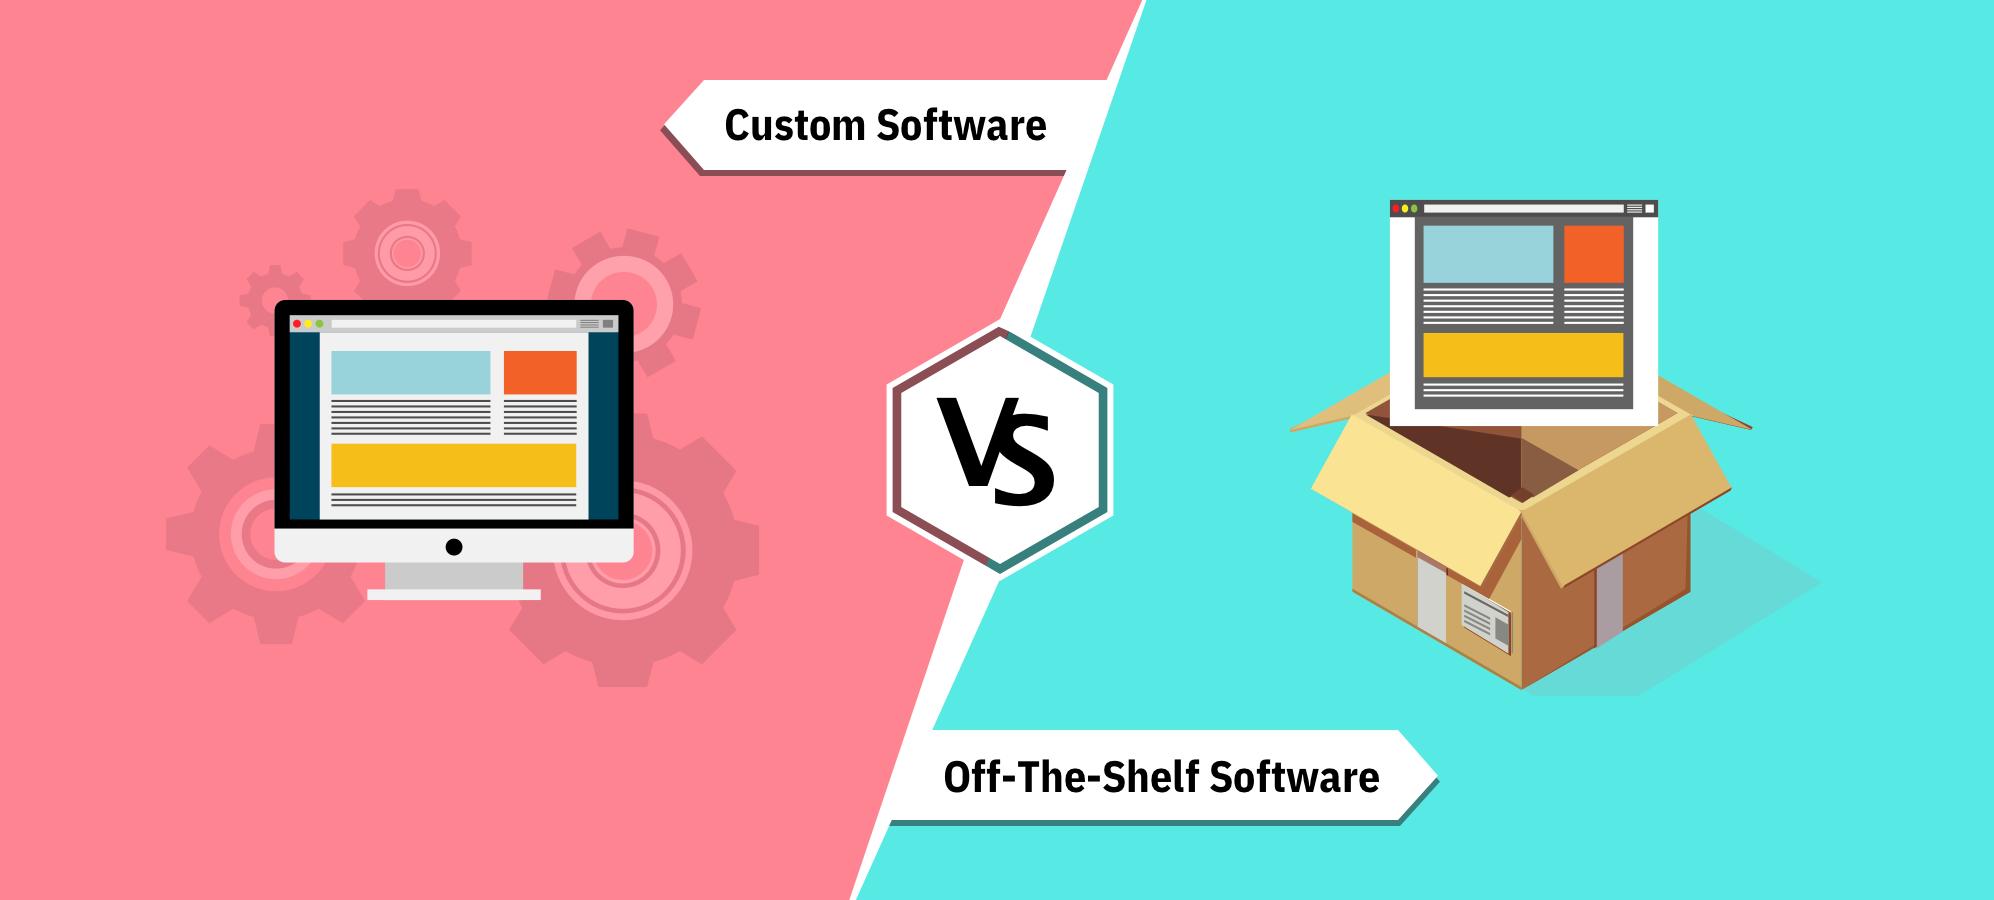 Custom-Software-vs-Off-the-Shelf-Software